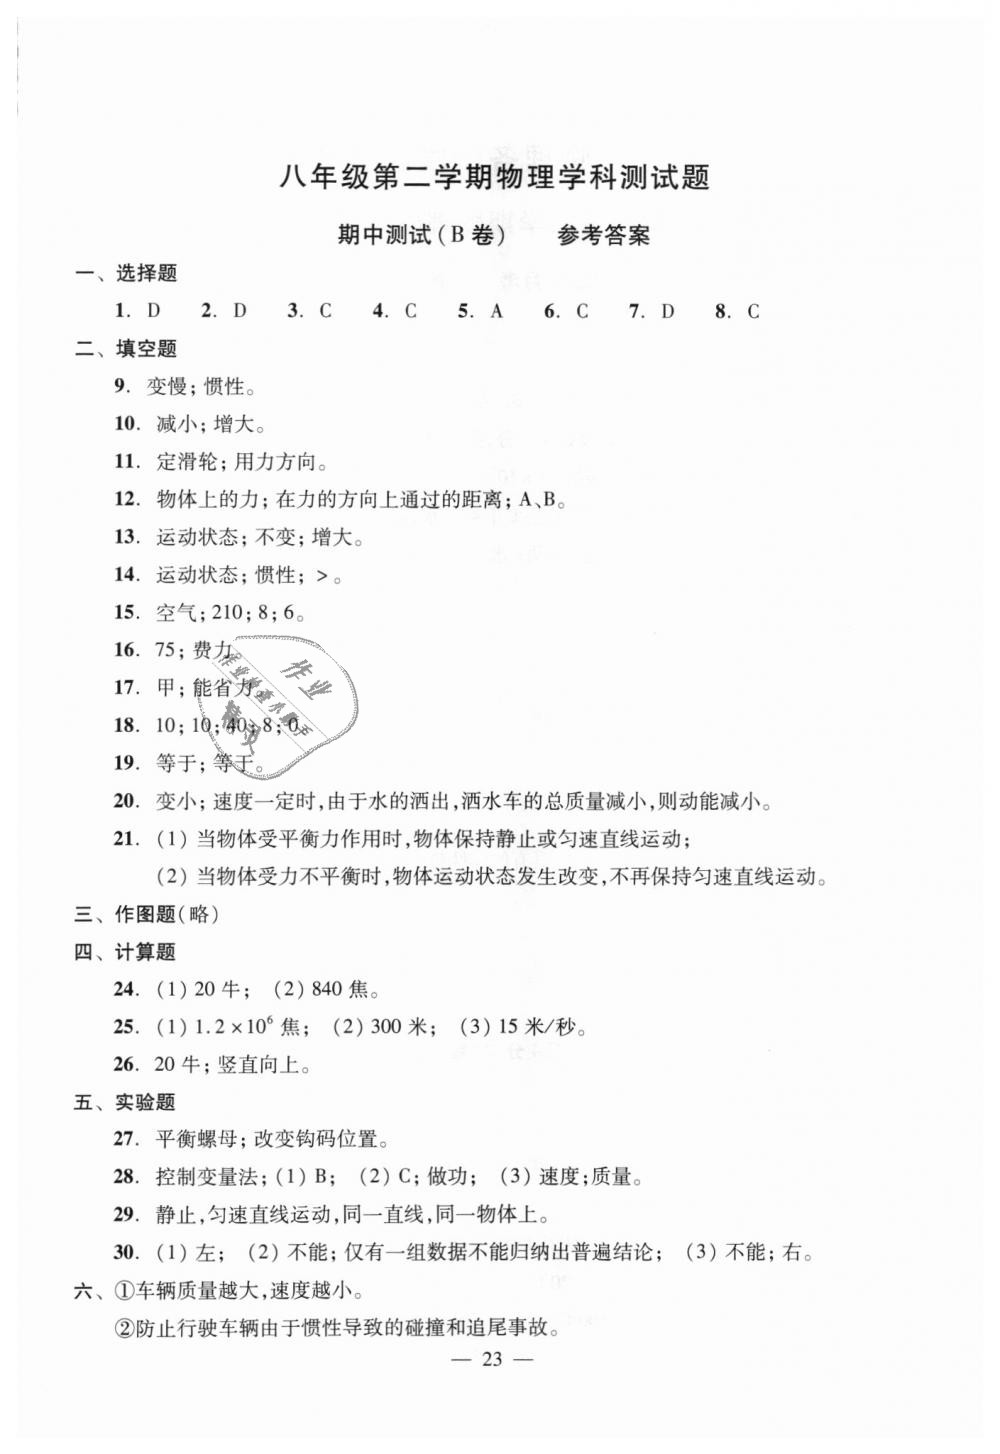 2018年初中物理双基过关堂堂练八年级全一册沪教版第67页